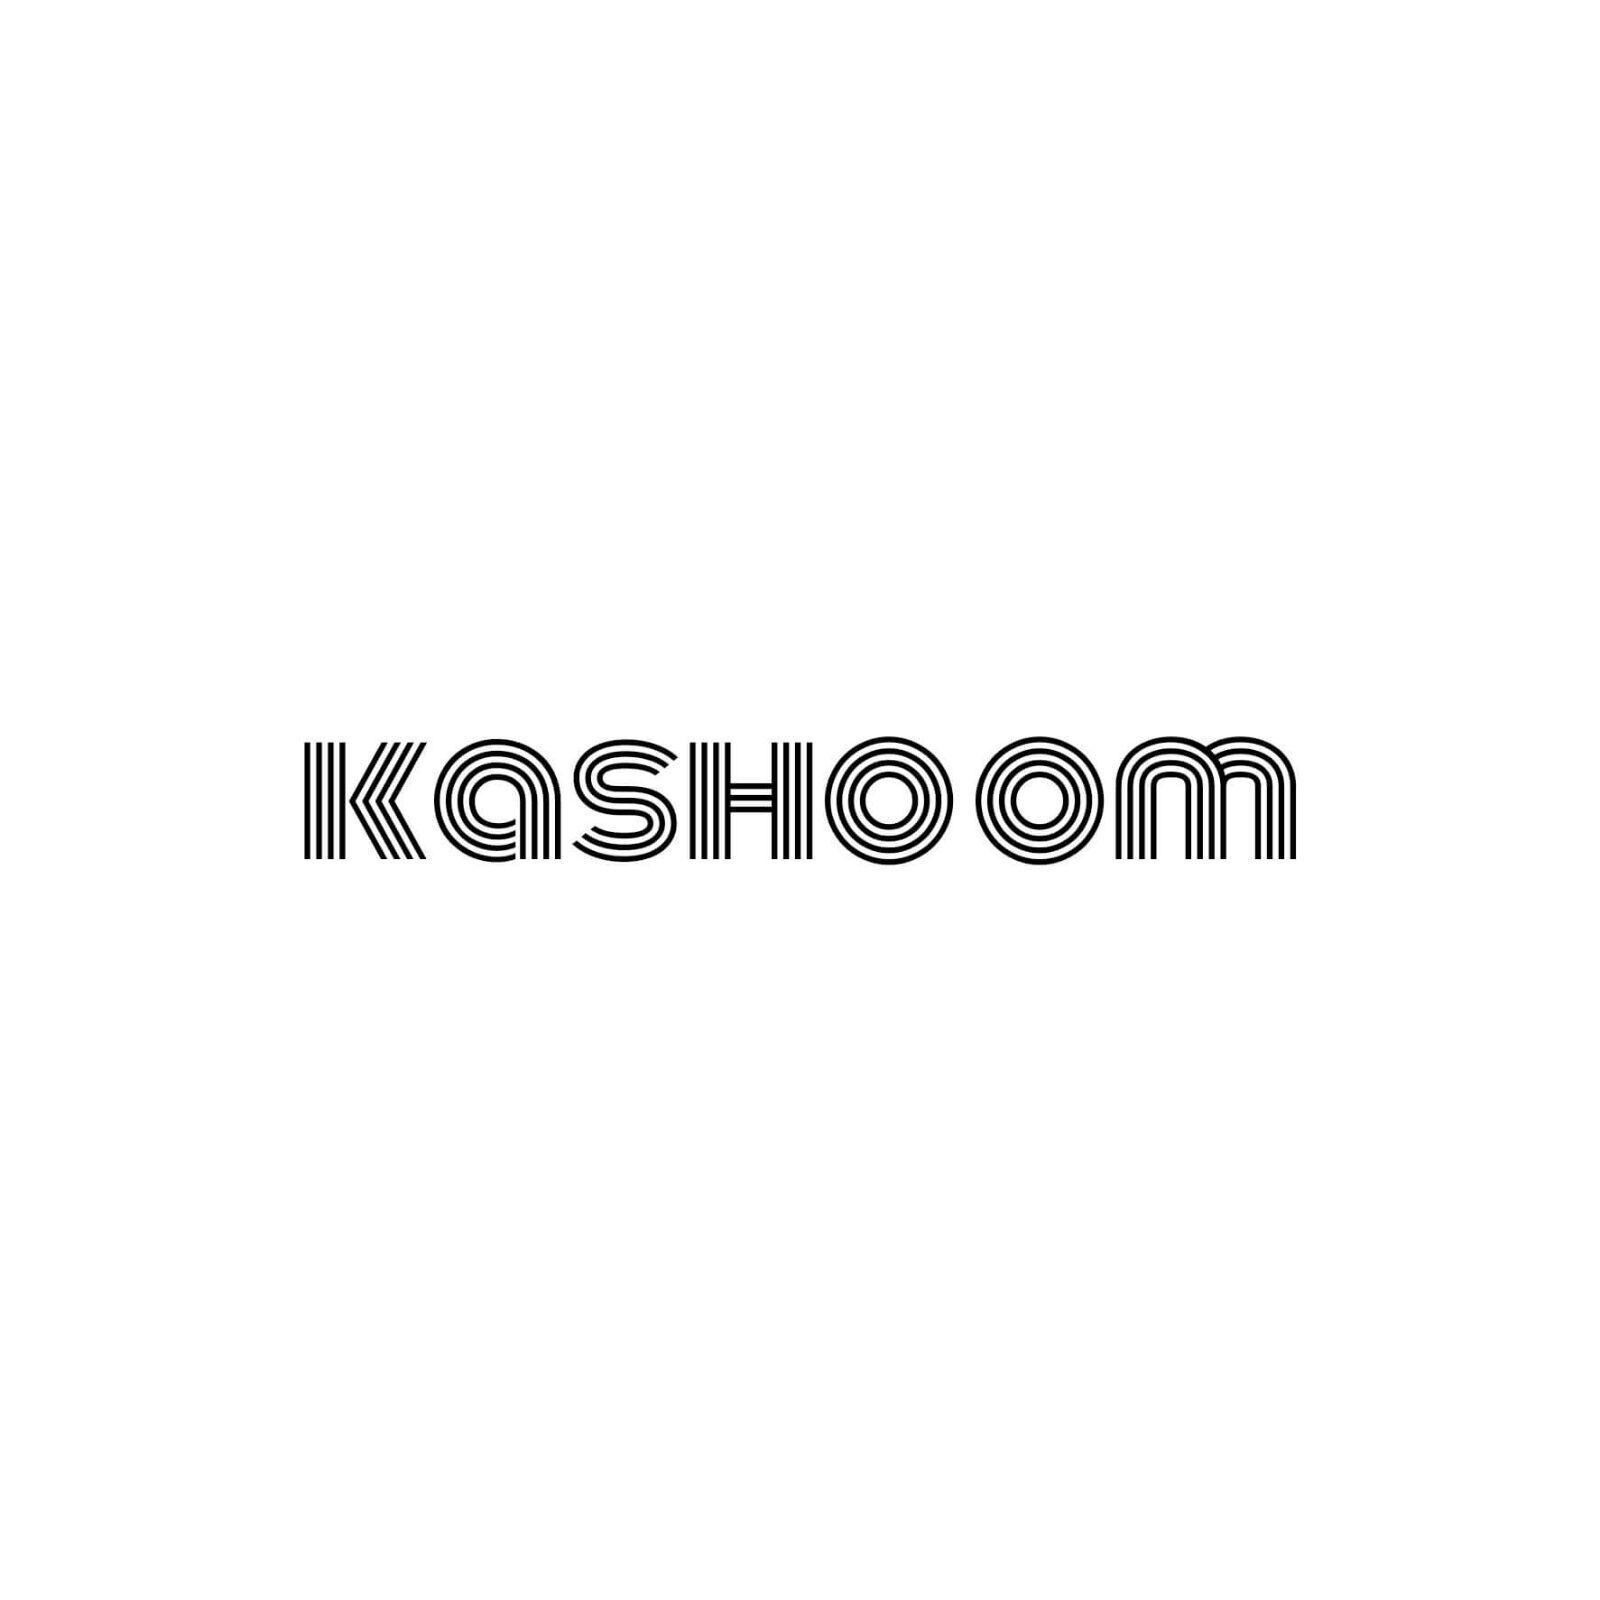 Kashoom